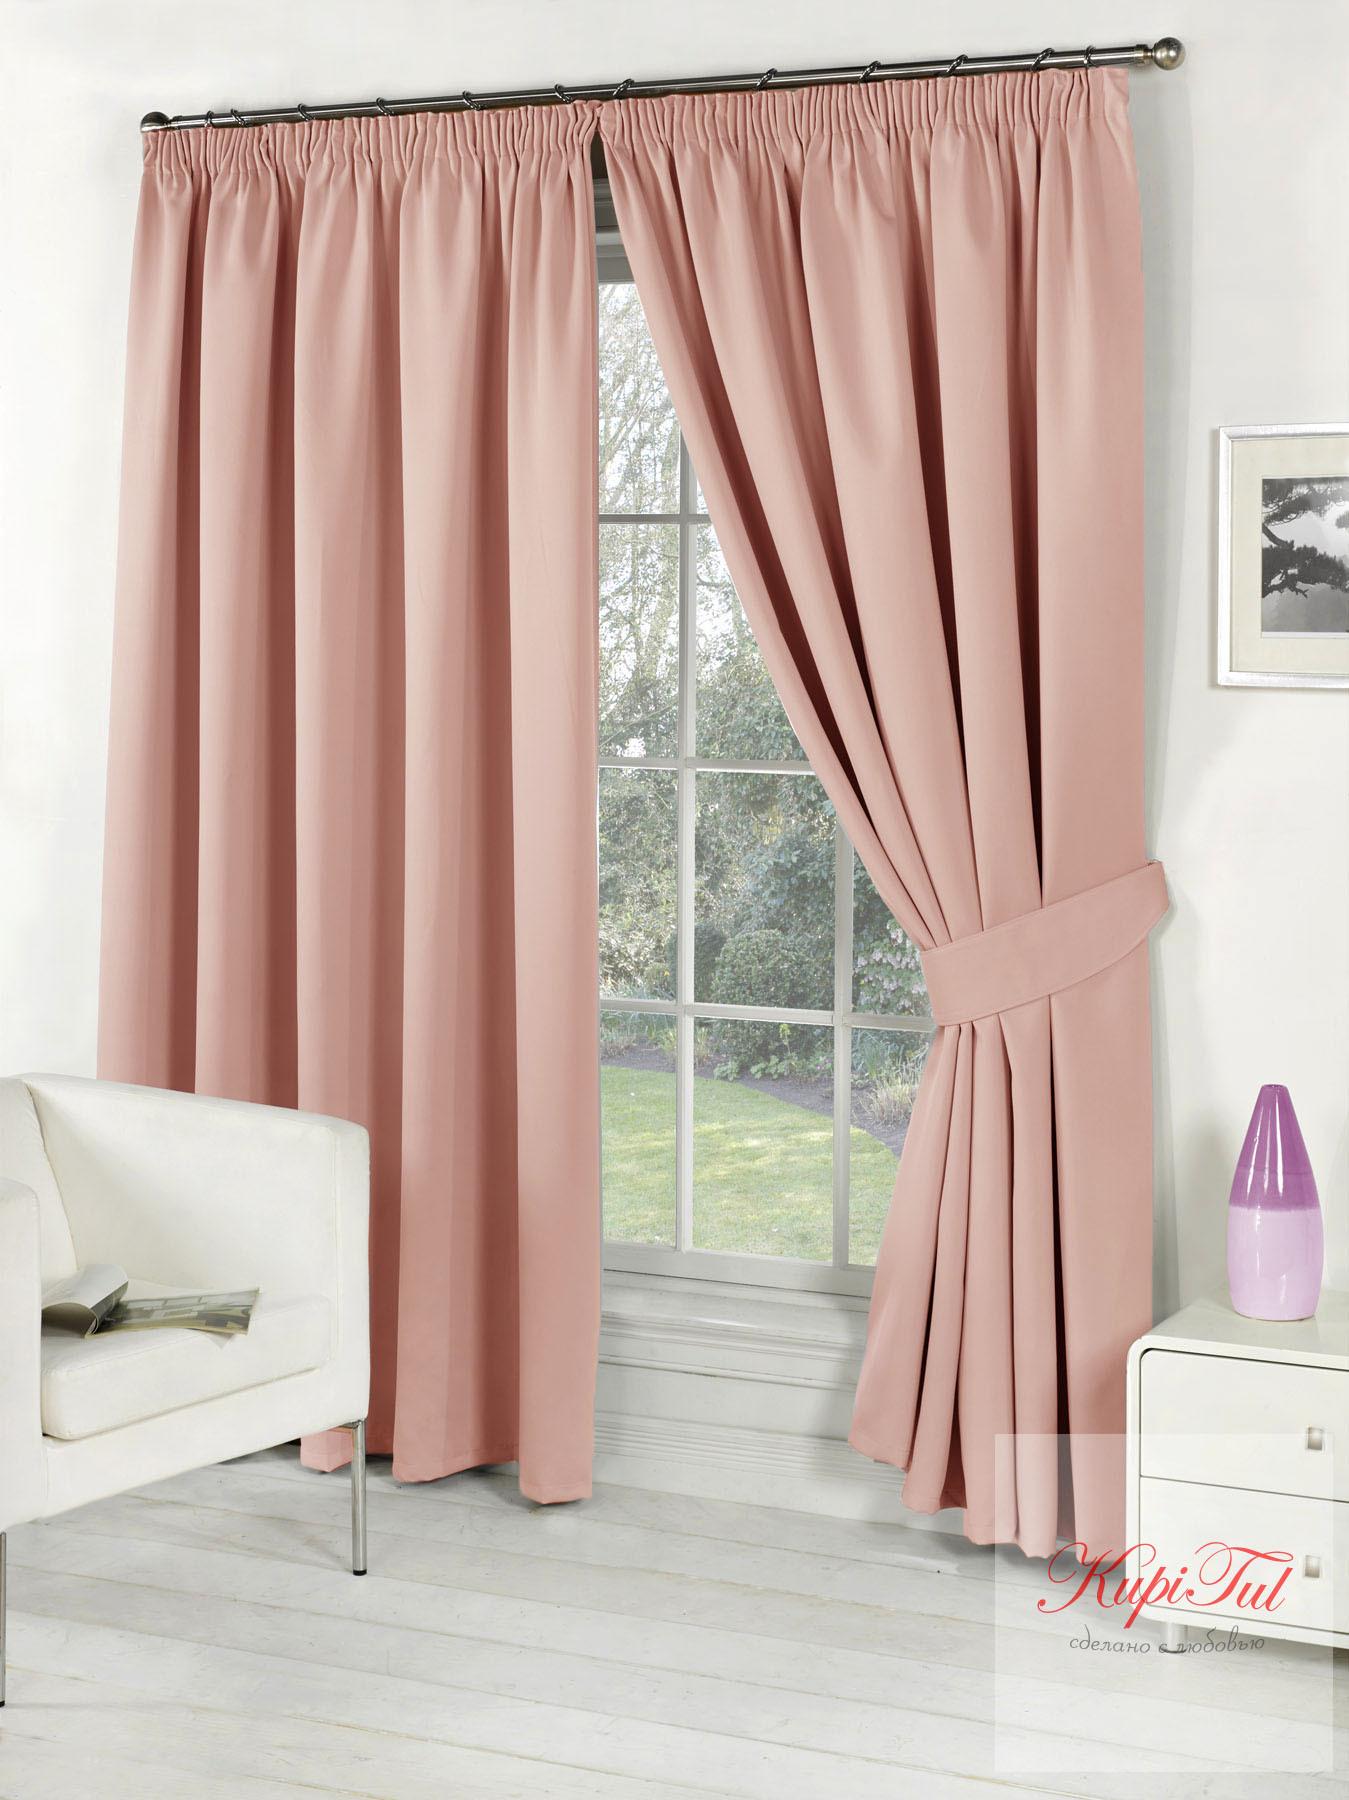 Длинные шторы. Classic Blackout (Розовый). Однотонный блэкаут